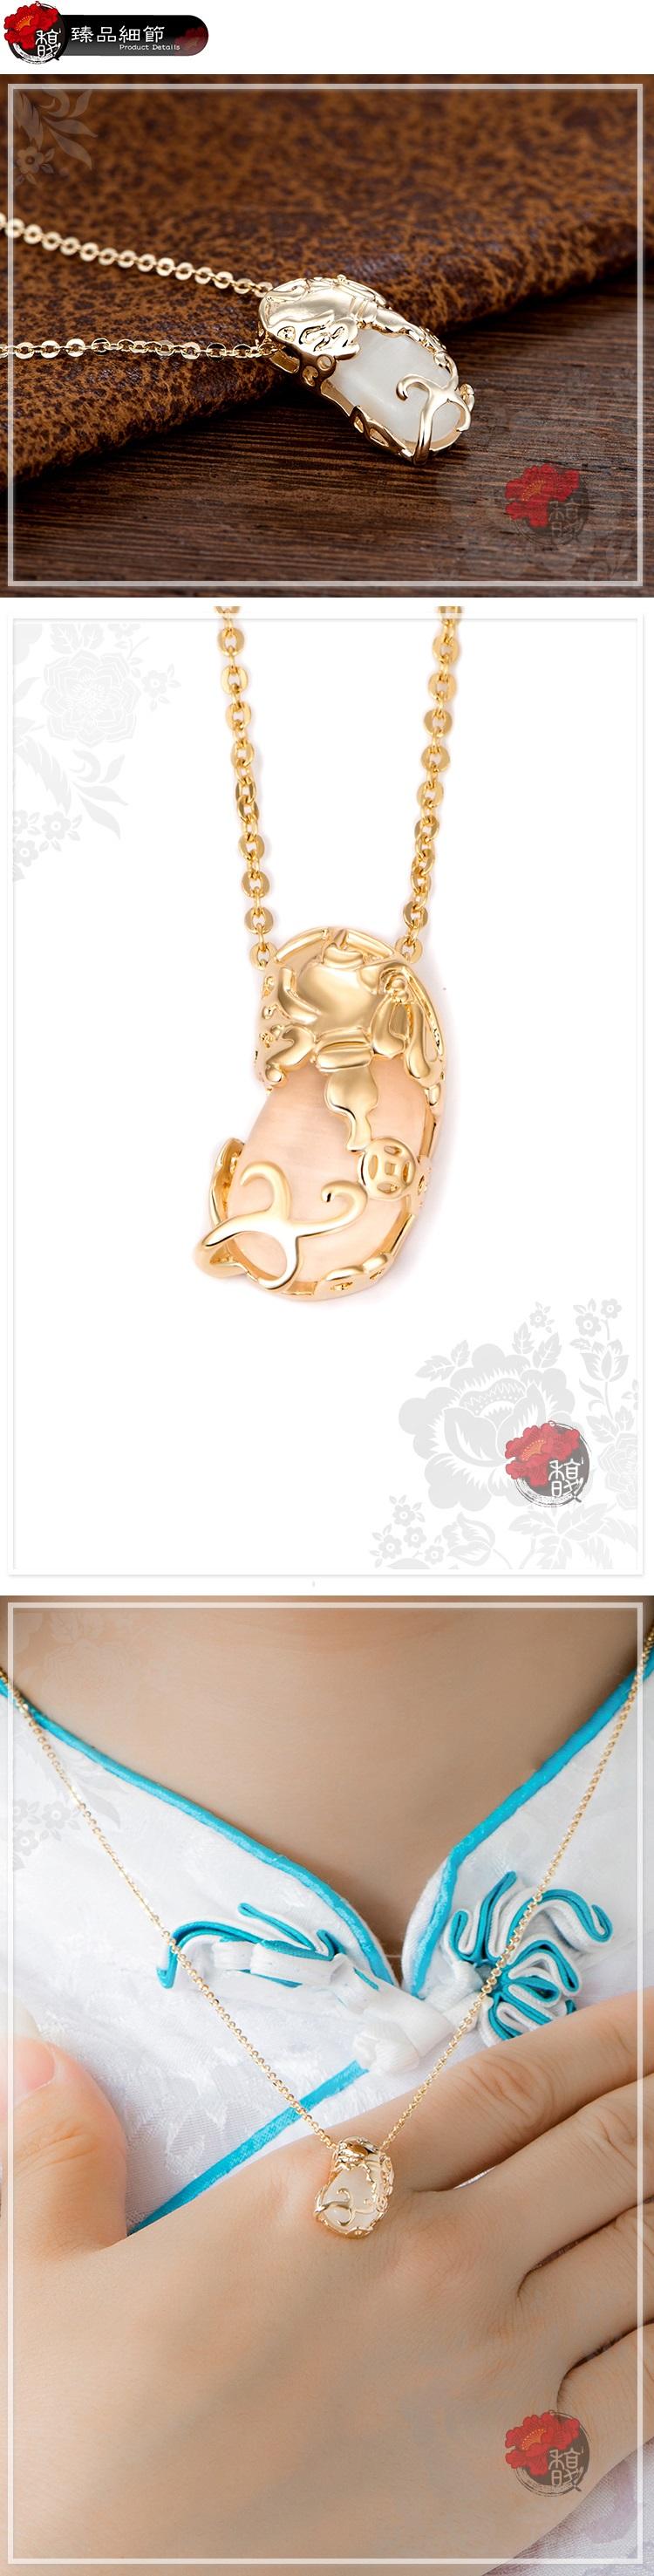 香檳金貓眼石貔貅項鍊